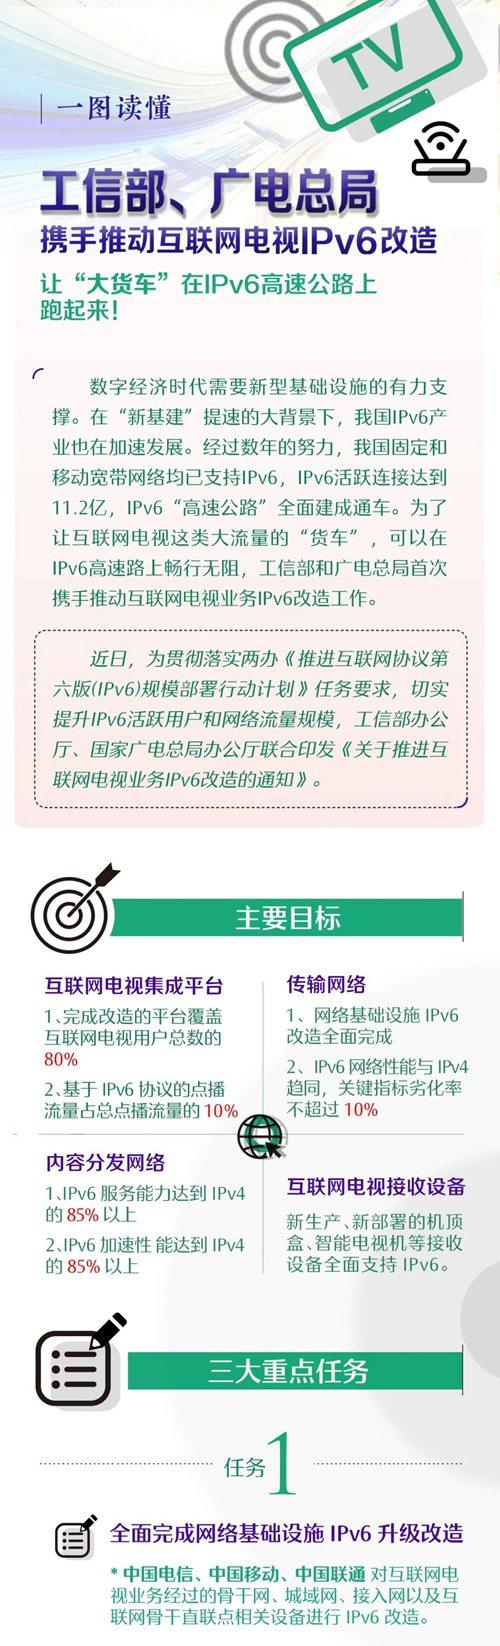 聚焦:工信部、广电总局三方面推进互联网电视业务IPv6改造